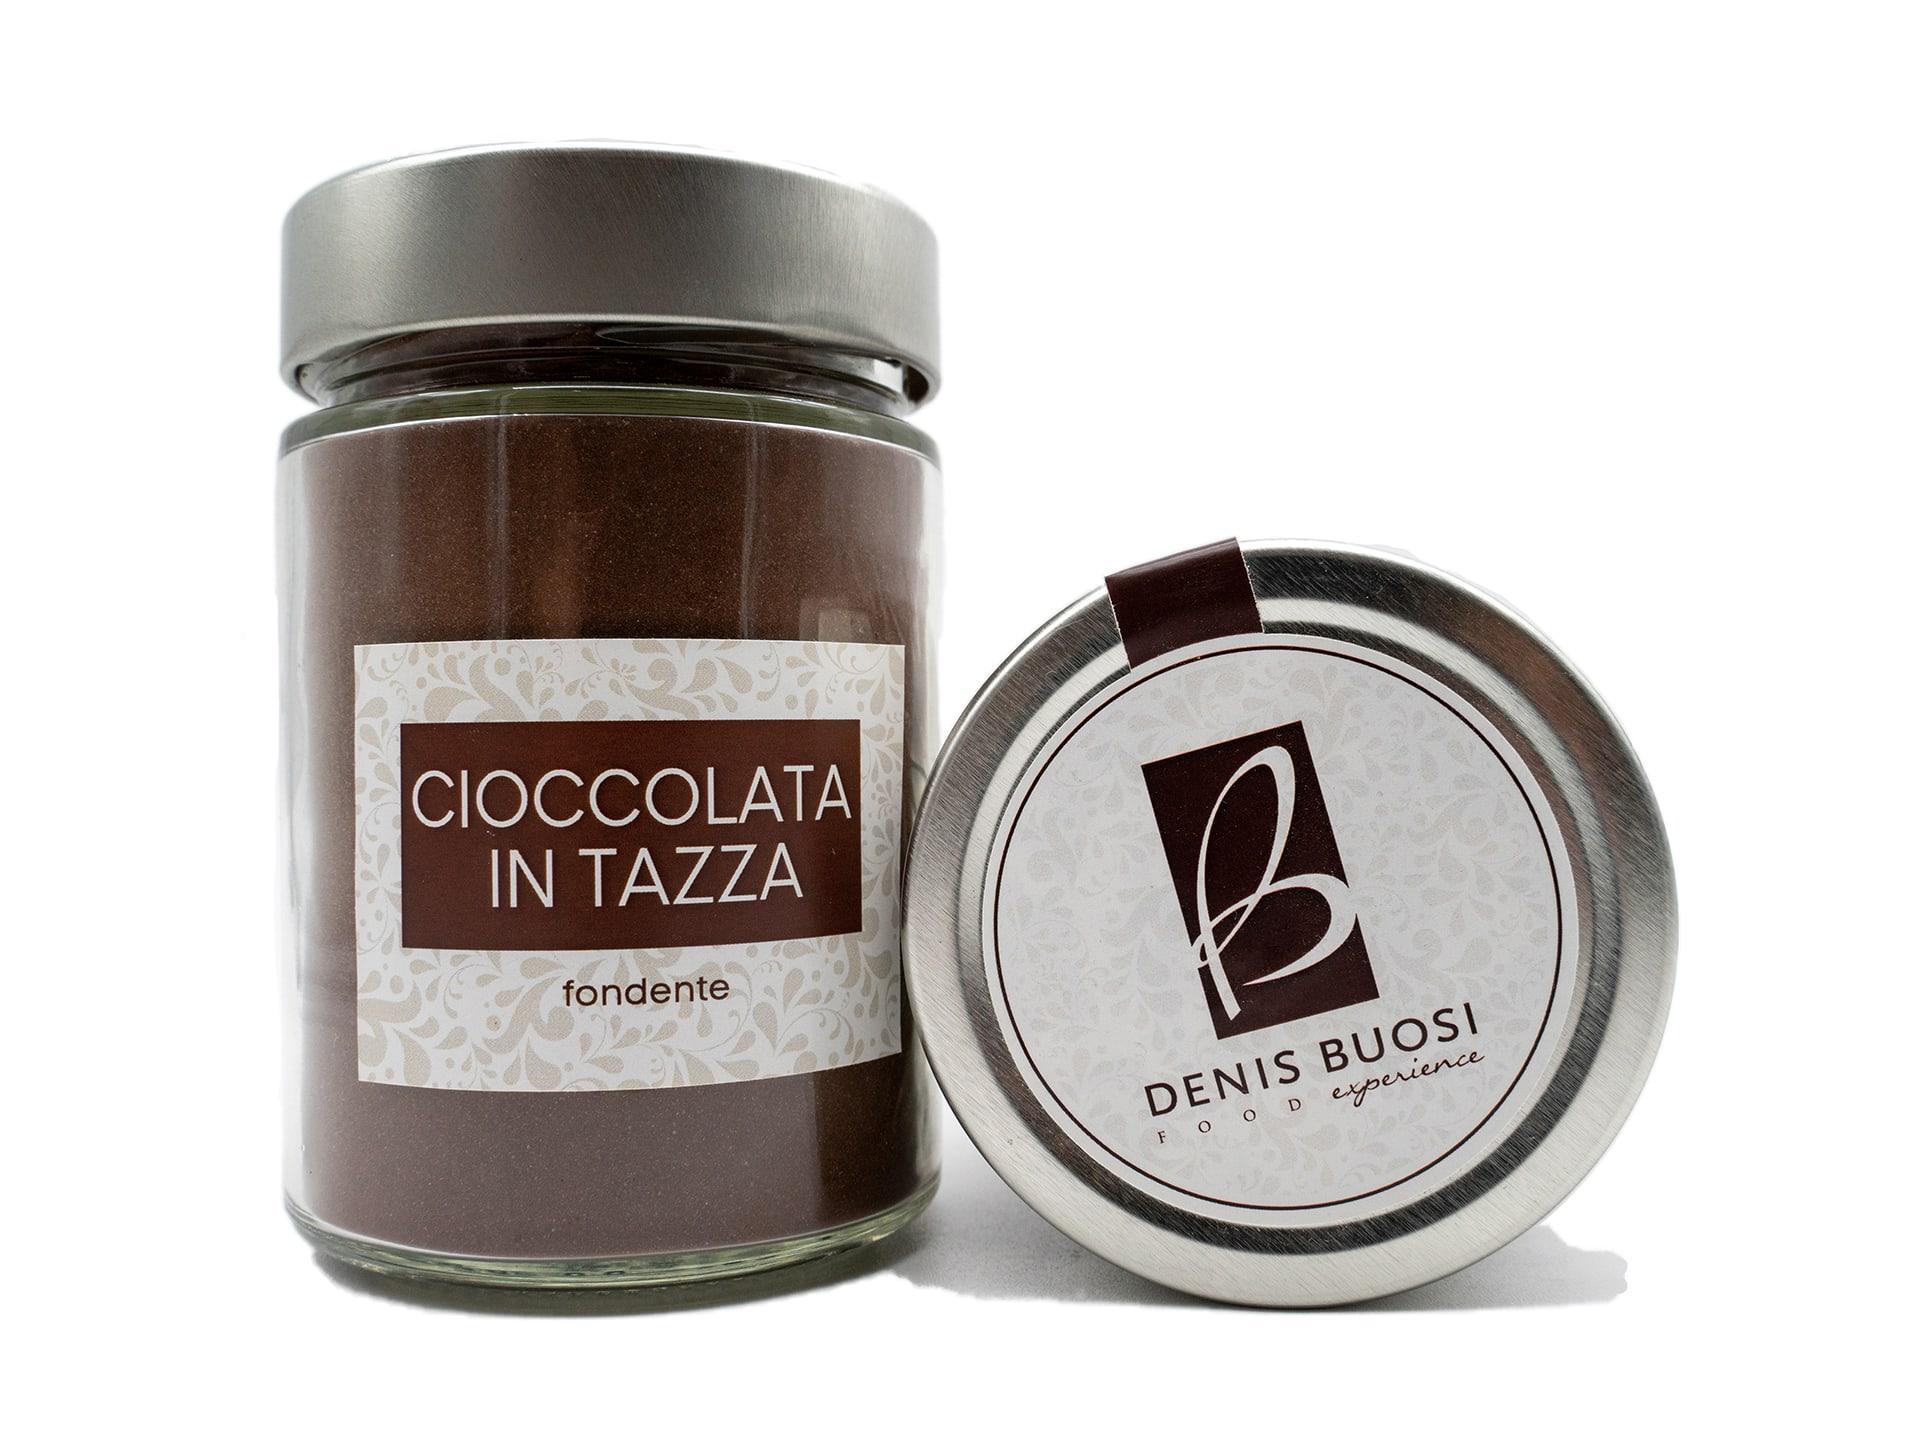 cioccolata-in-tazza-buosi